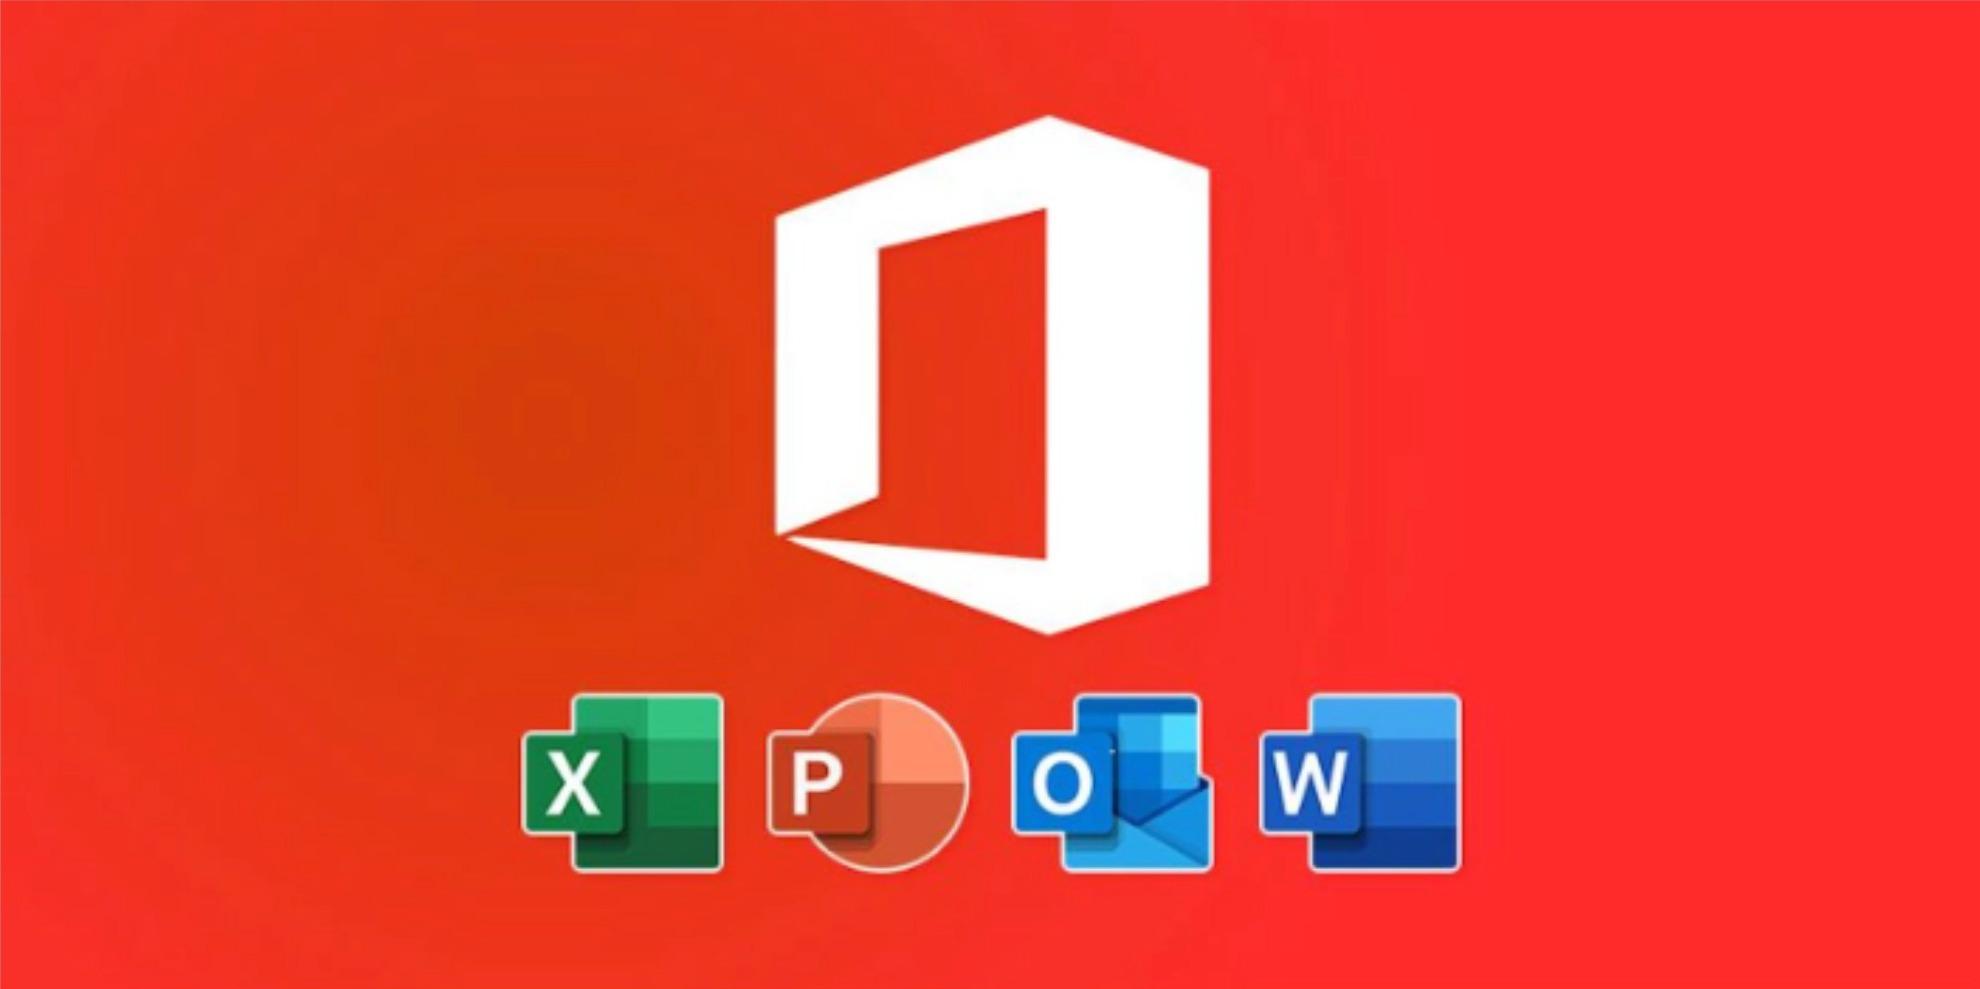 Solo 5 € per Windows 10 e solo 28 € per Microsoft Office 2019 su GoDeal24 per Natale